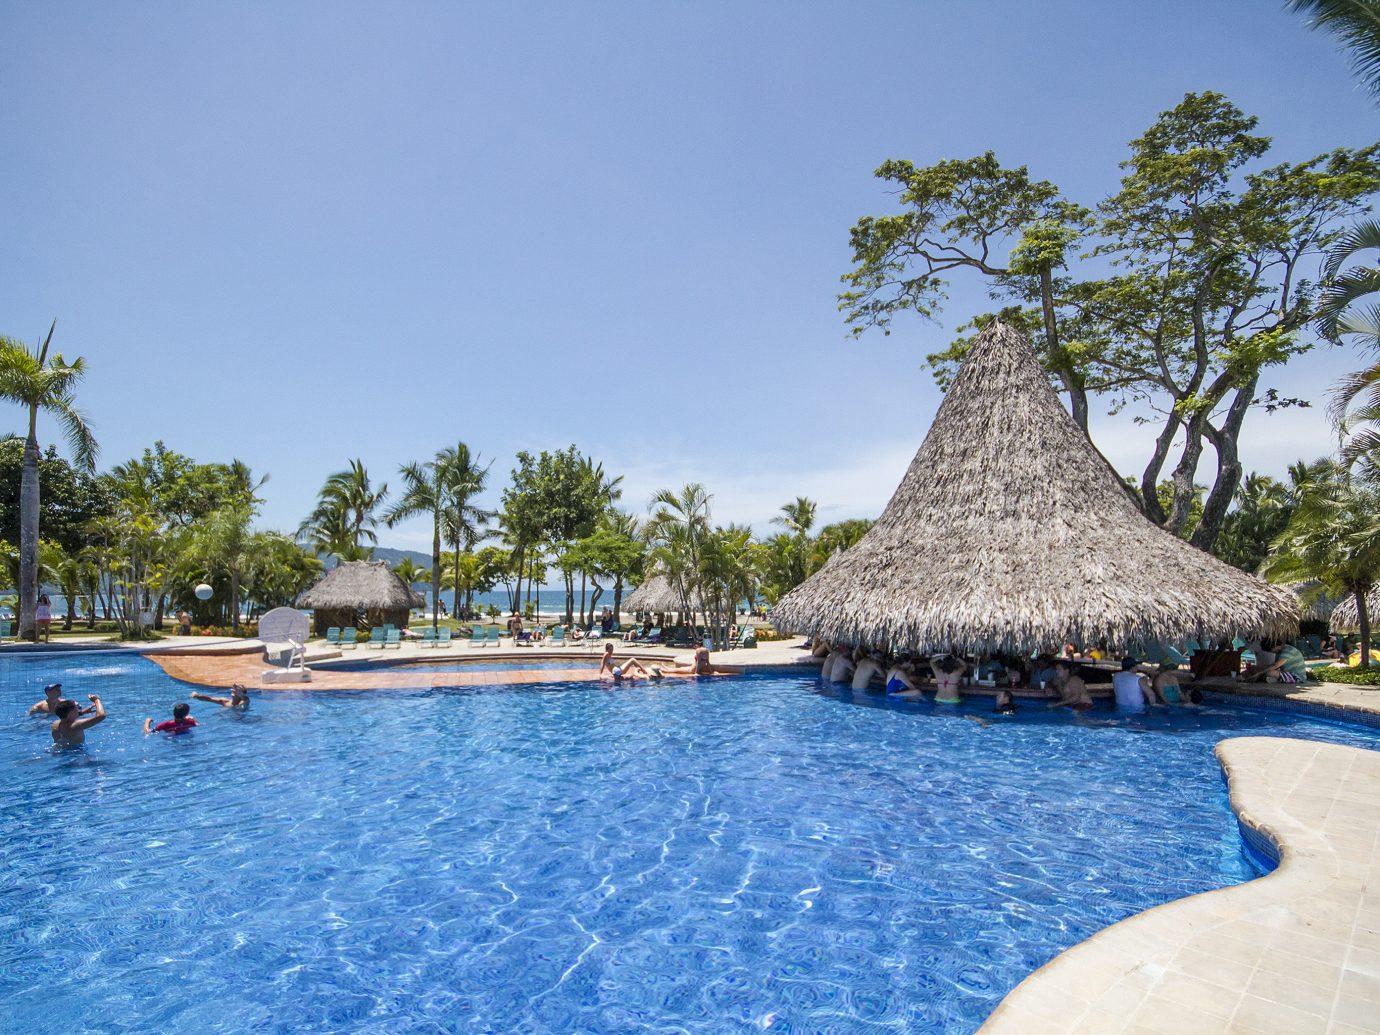 Pool at Barcelo Tambor in Costa Rica